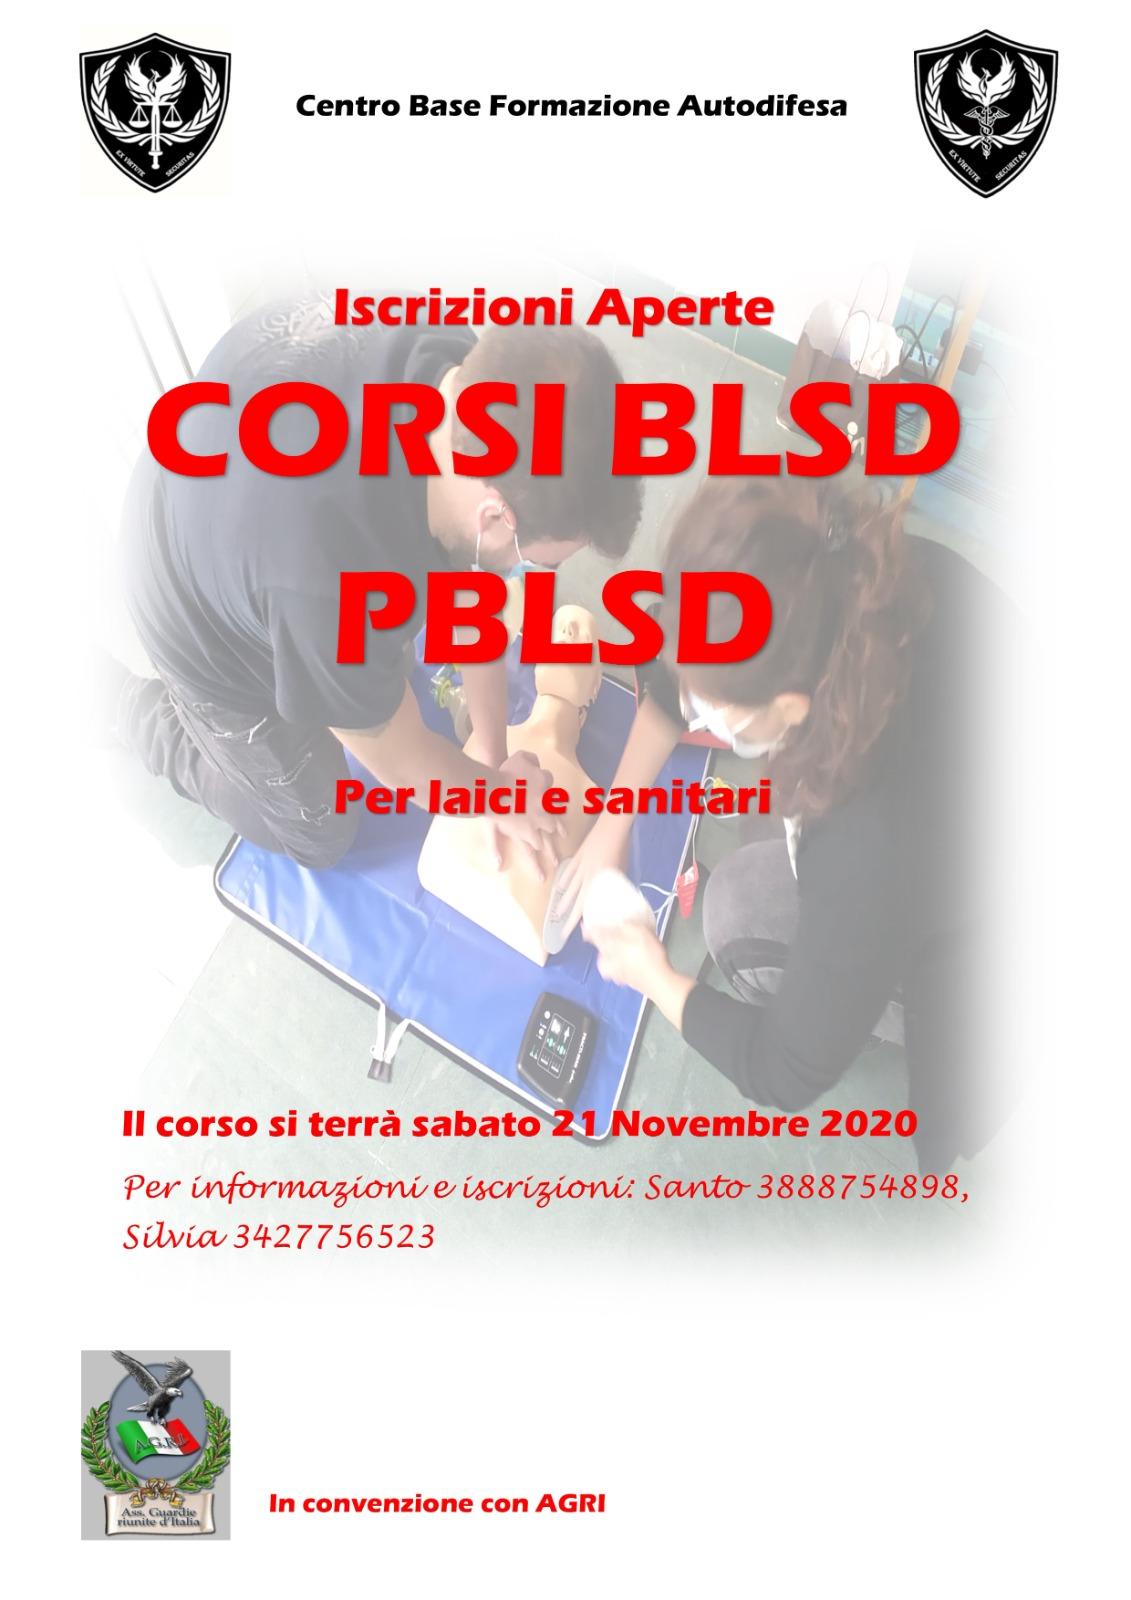 211121 Corso Blsd Pblsd